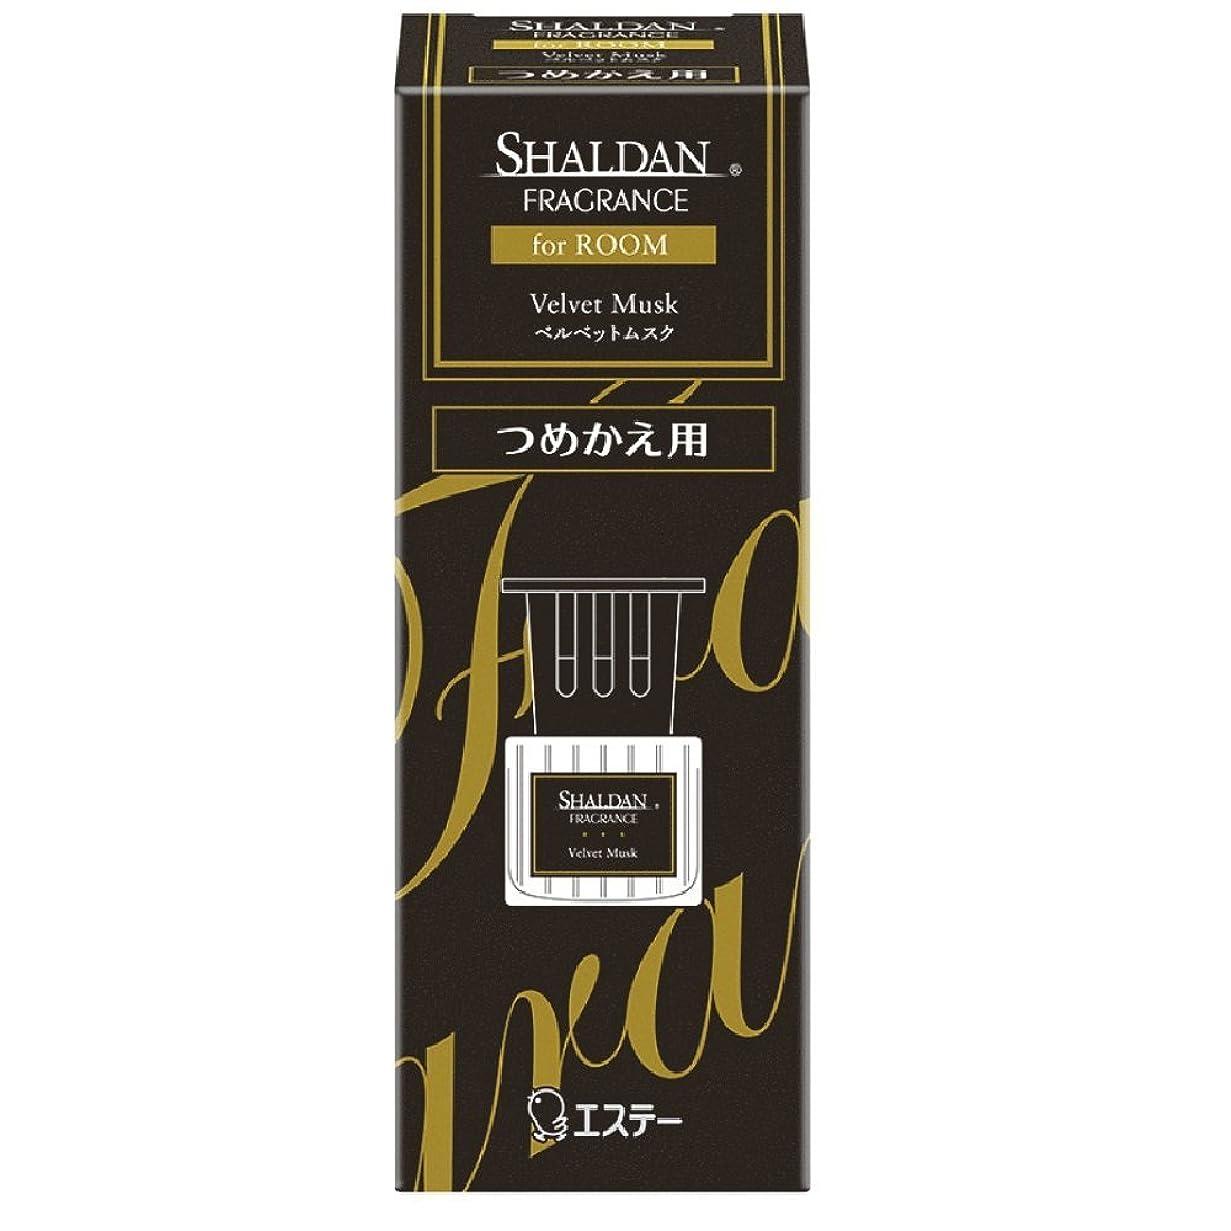 どんなときも位置するの慈悲でシャルダン SHALDAN フレグランス for ROOM 芳香剤 部屋用 部屋 つめかえ ベルベットムスク 65ml